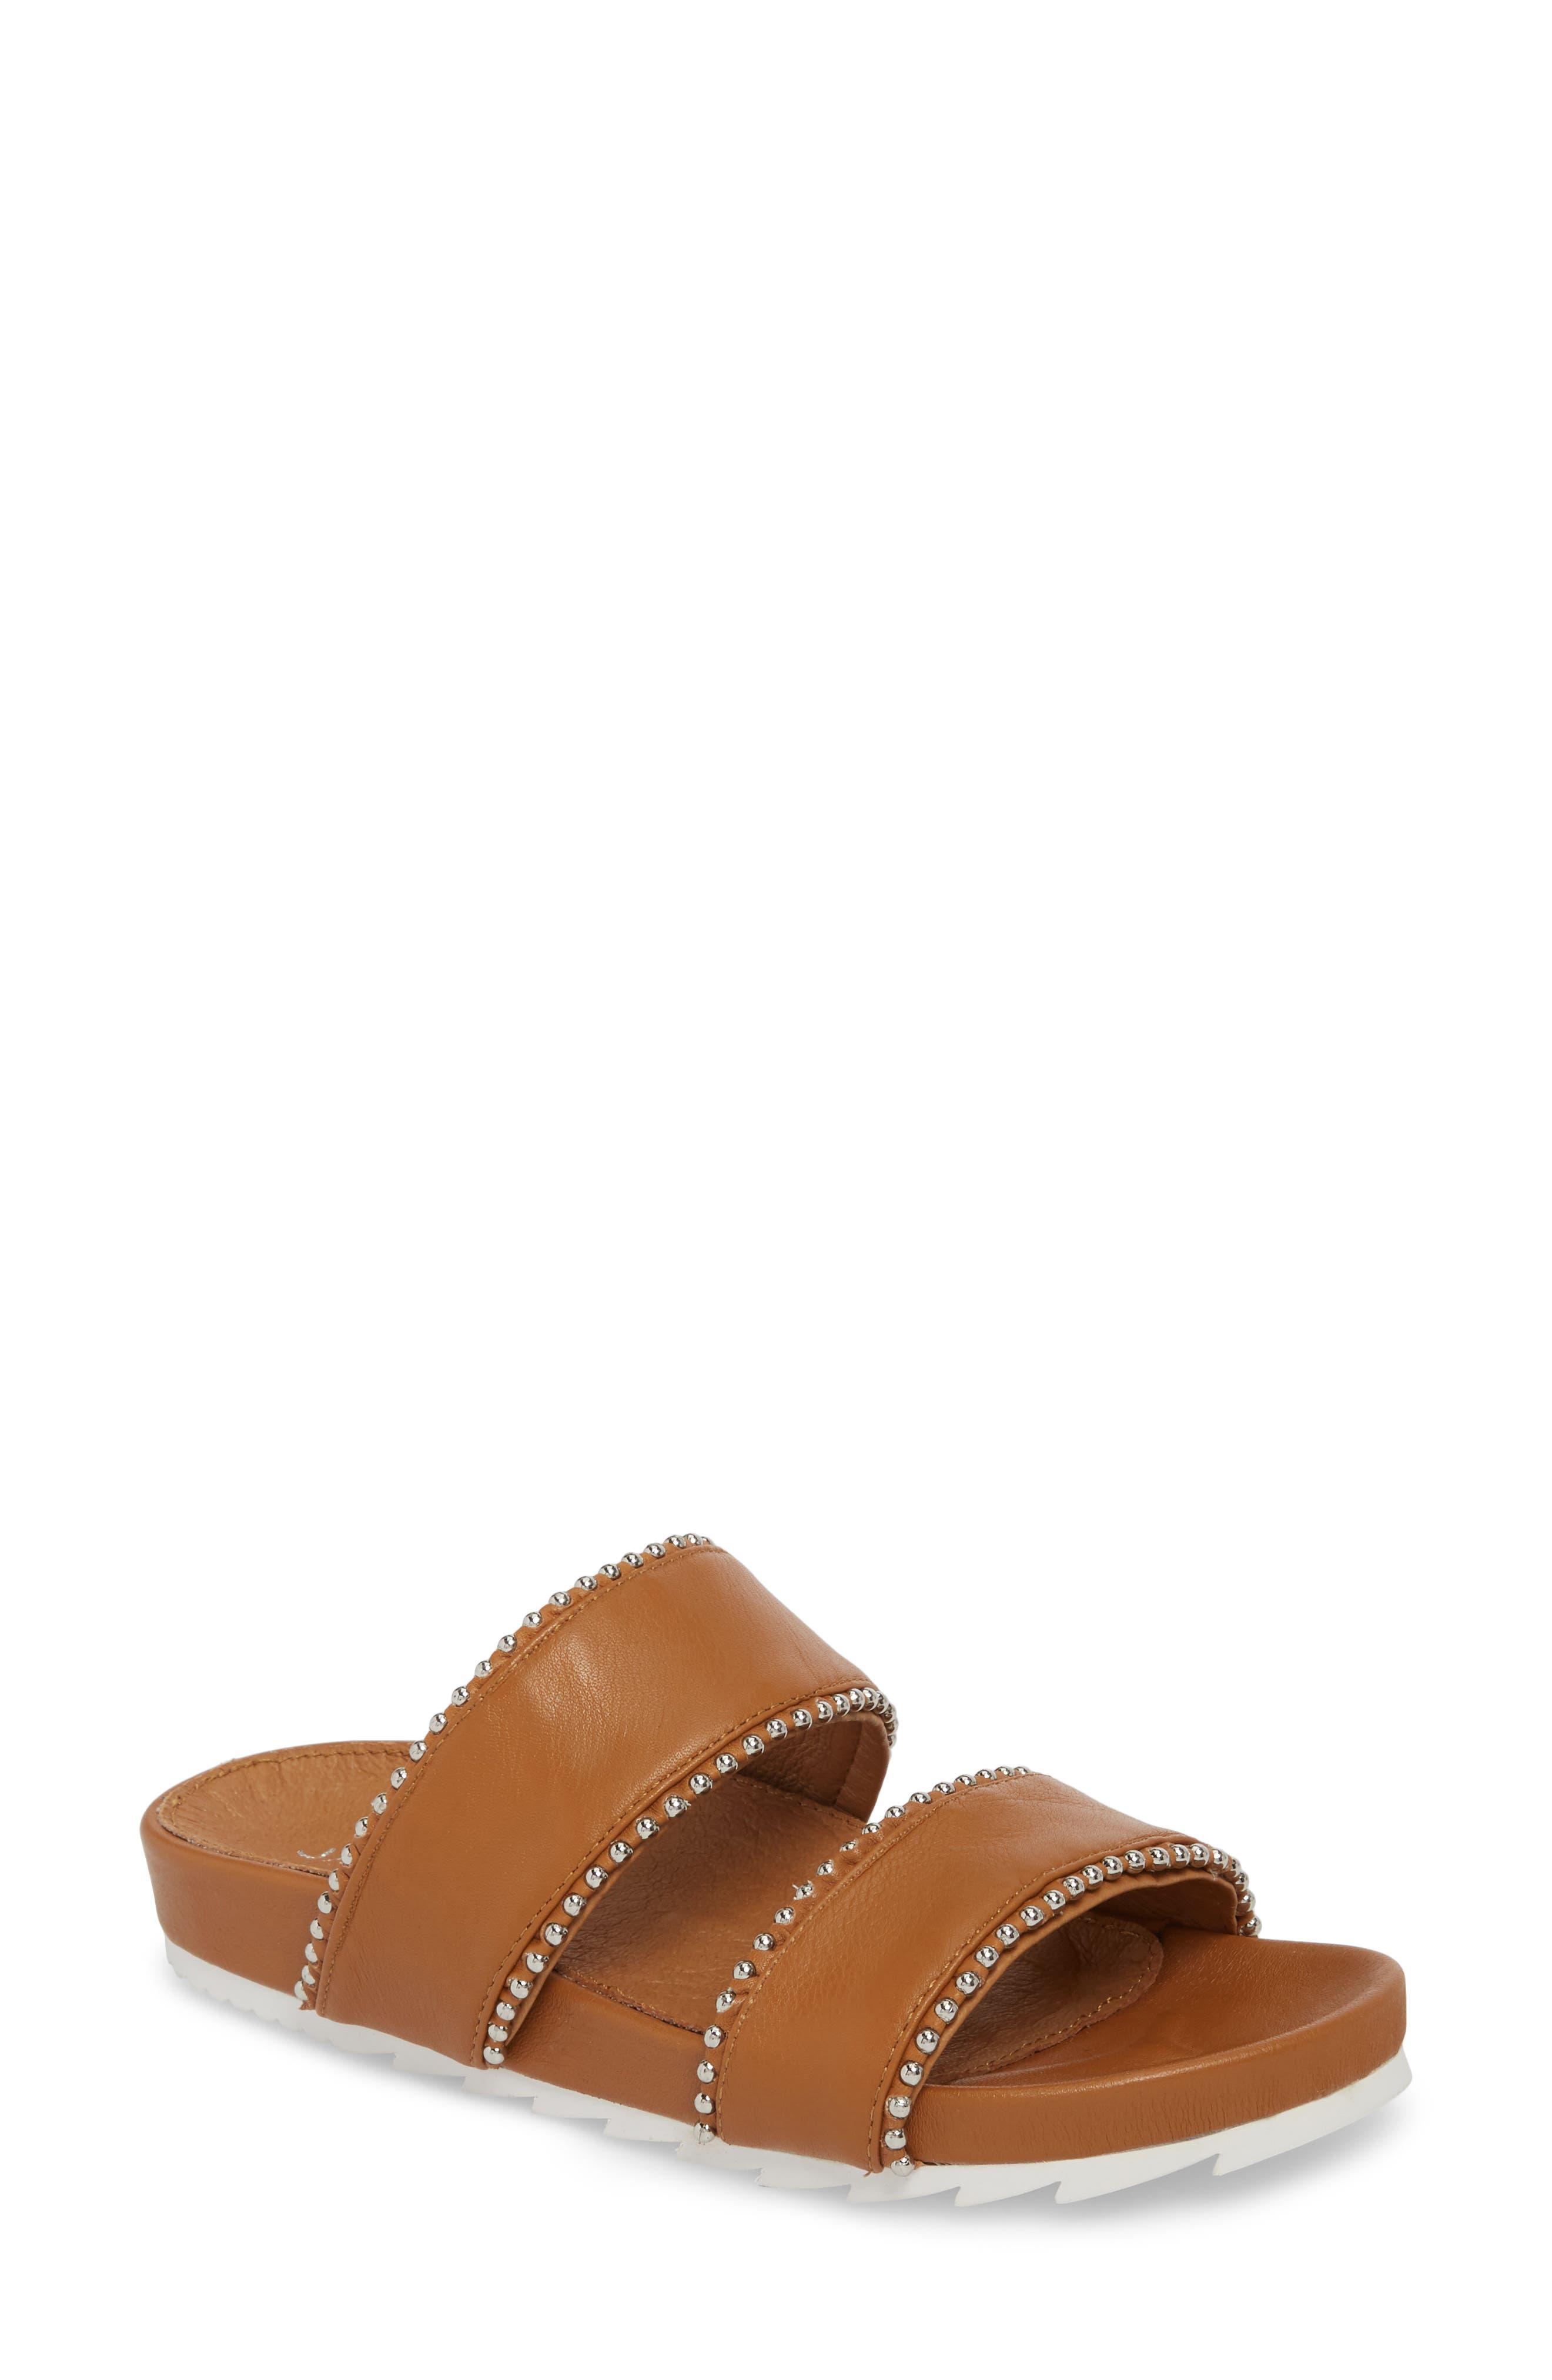 Jslides Emmie Bead Chain Slide Sandal, Brown